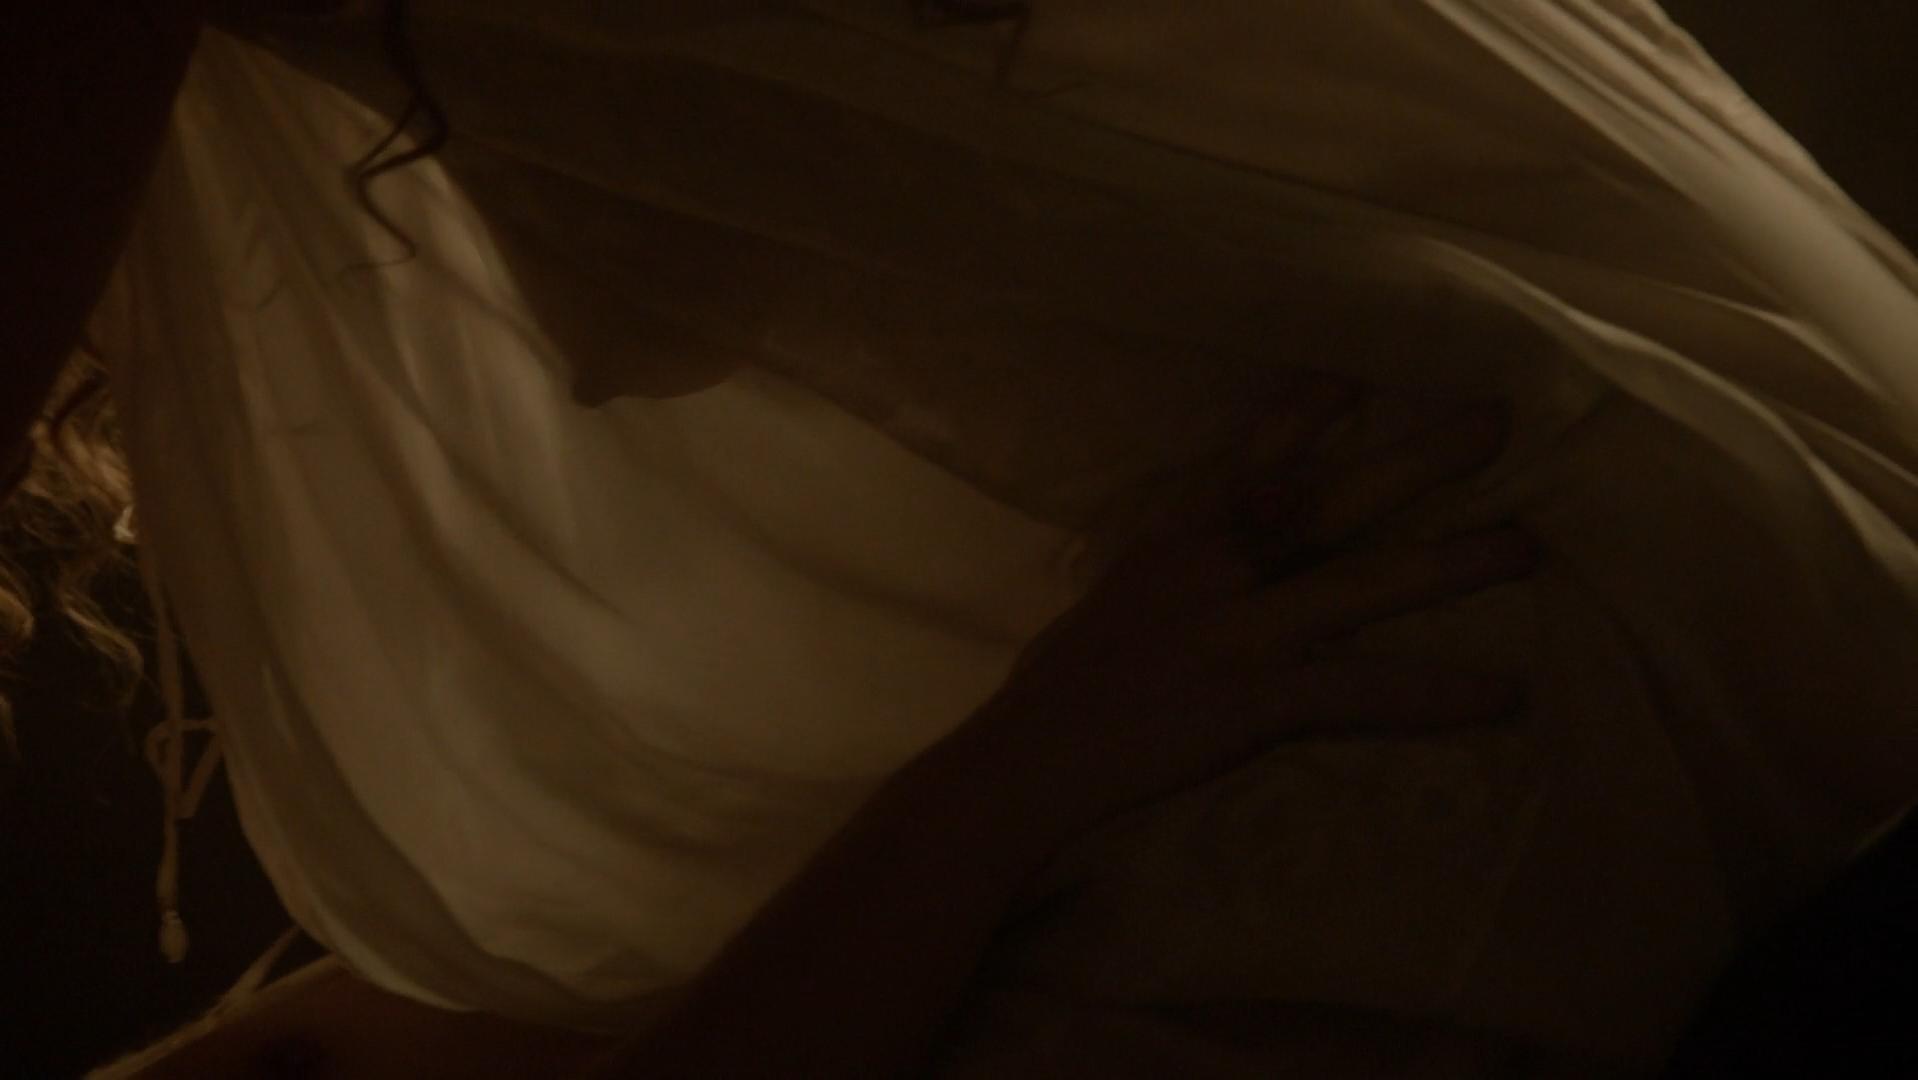 Gina McKee nude - The Borgias s02e05 (2012)